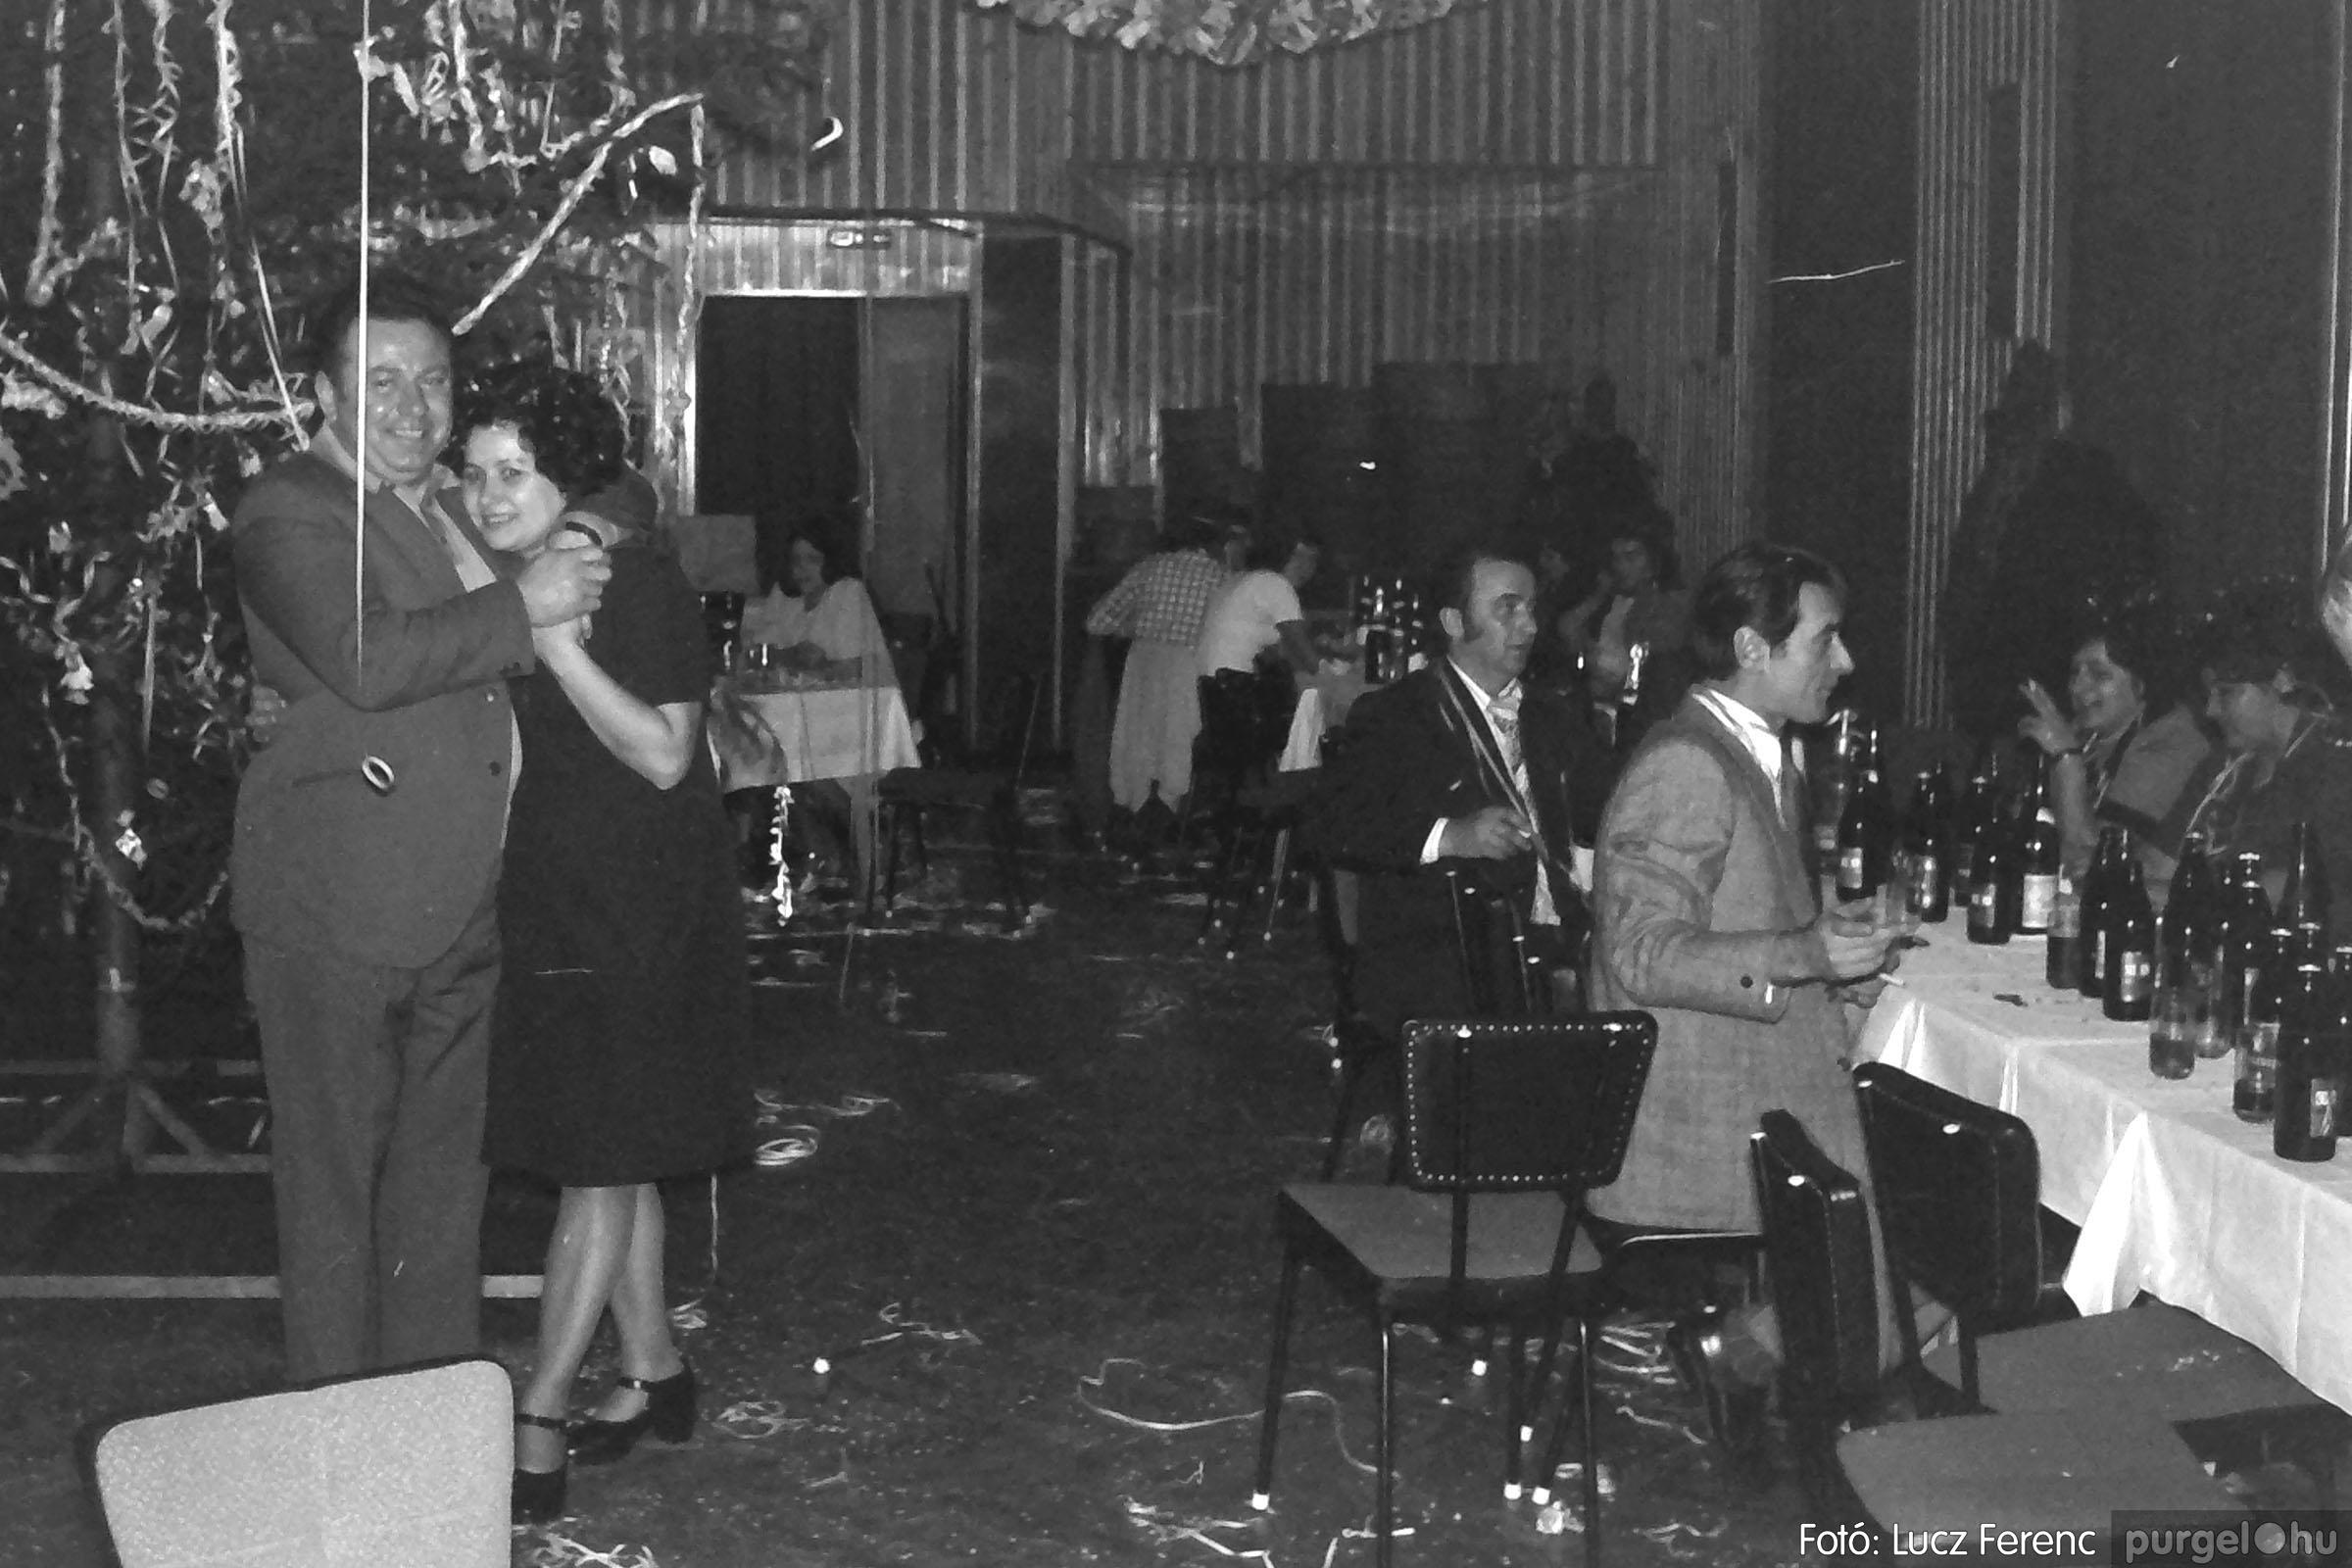 030. 1975.12.31. Szilveszter a kultúrházban 004 - Fotó: Lucz Ferenc.jpg